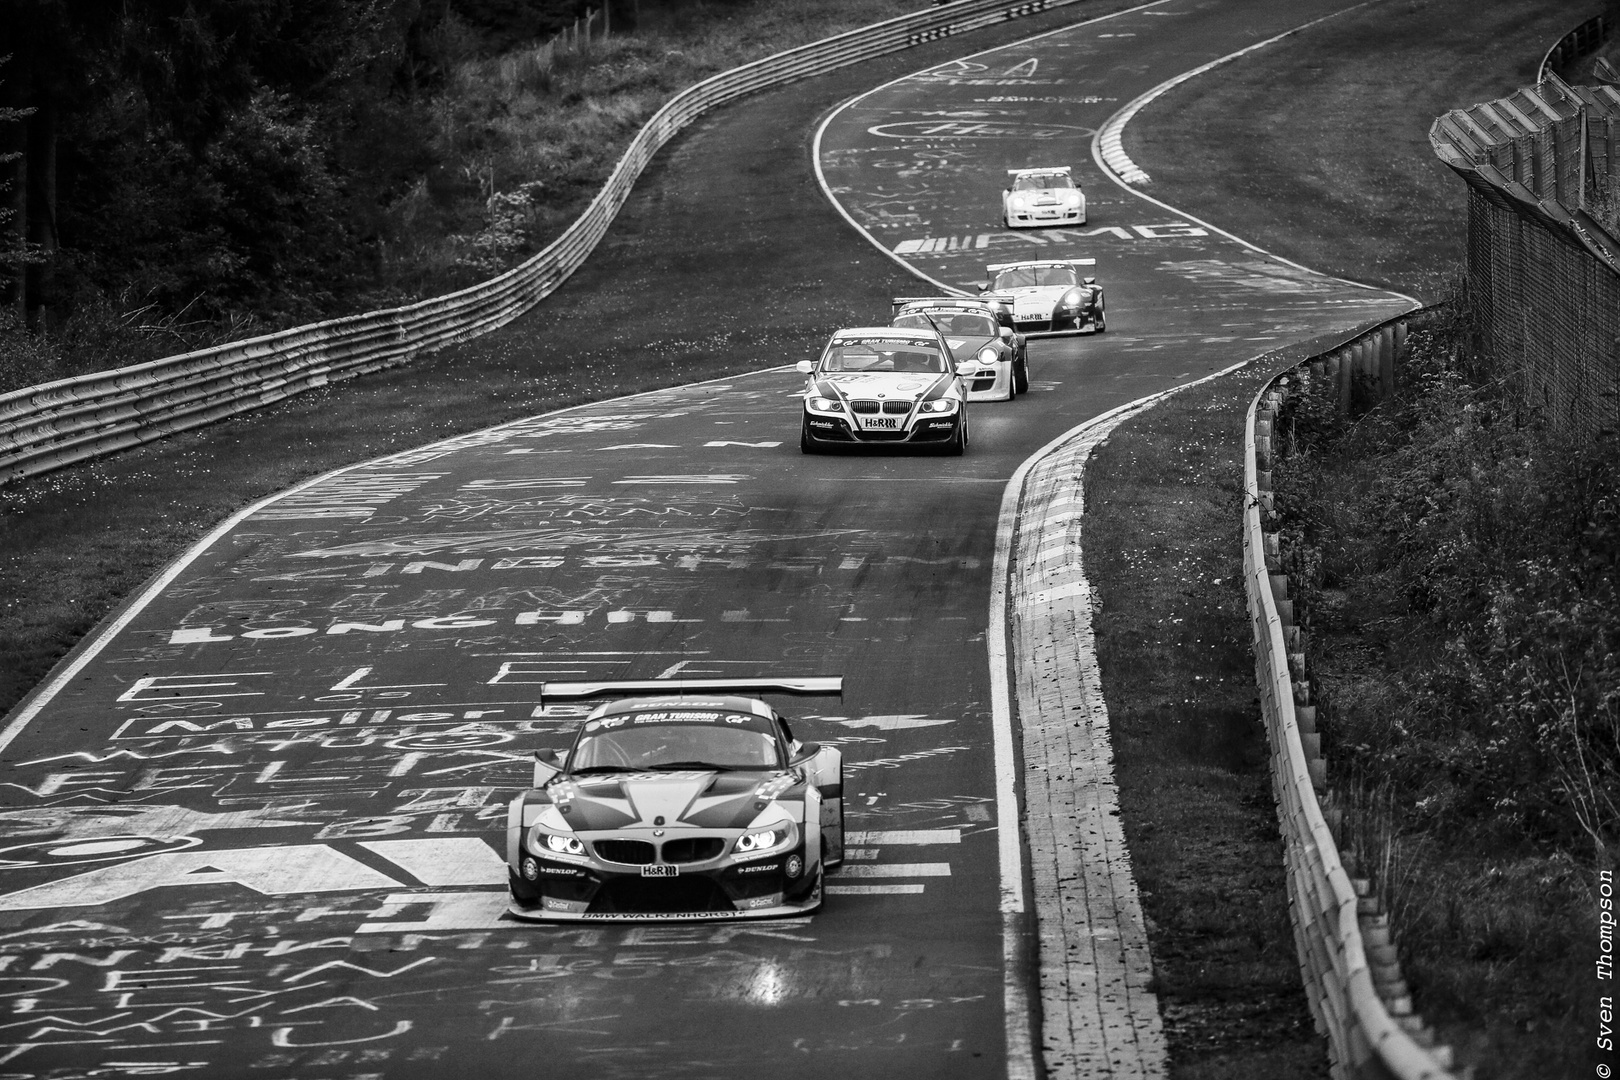 Nürburgring II